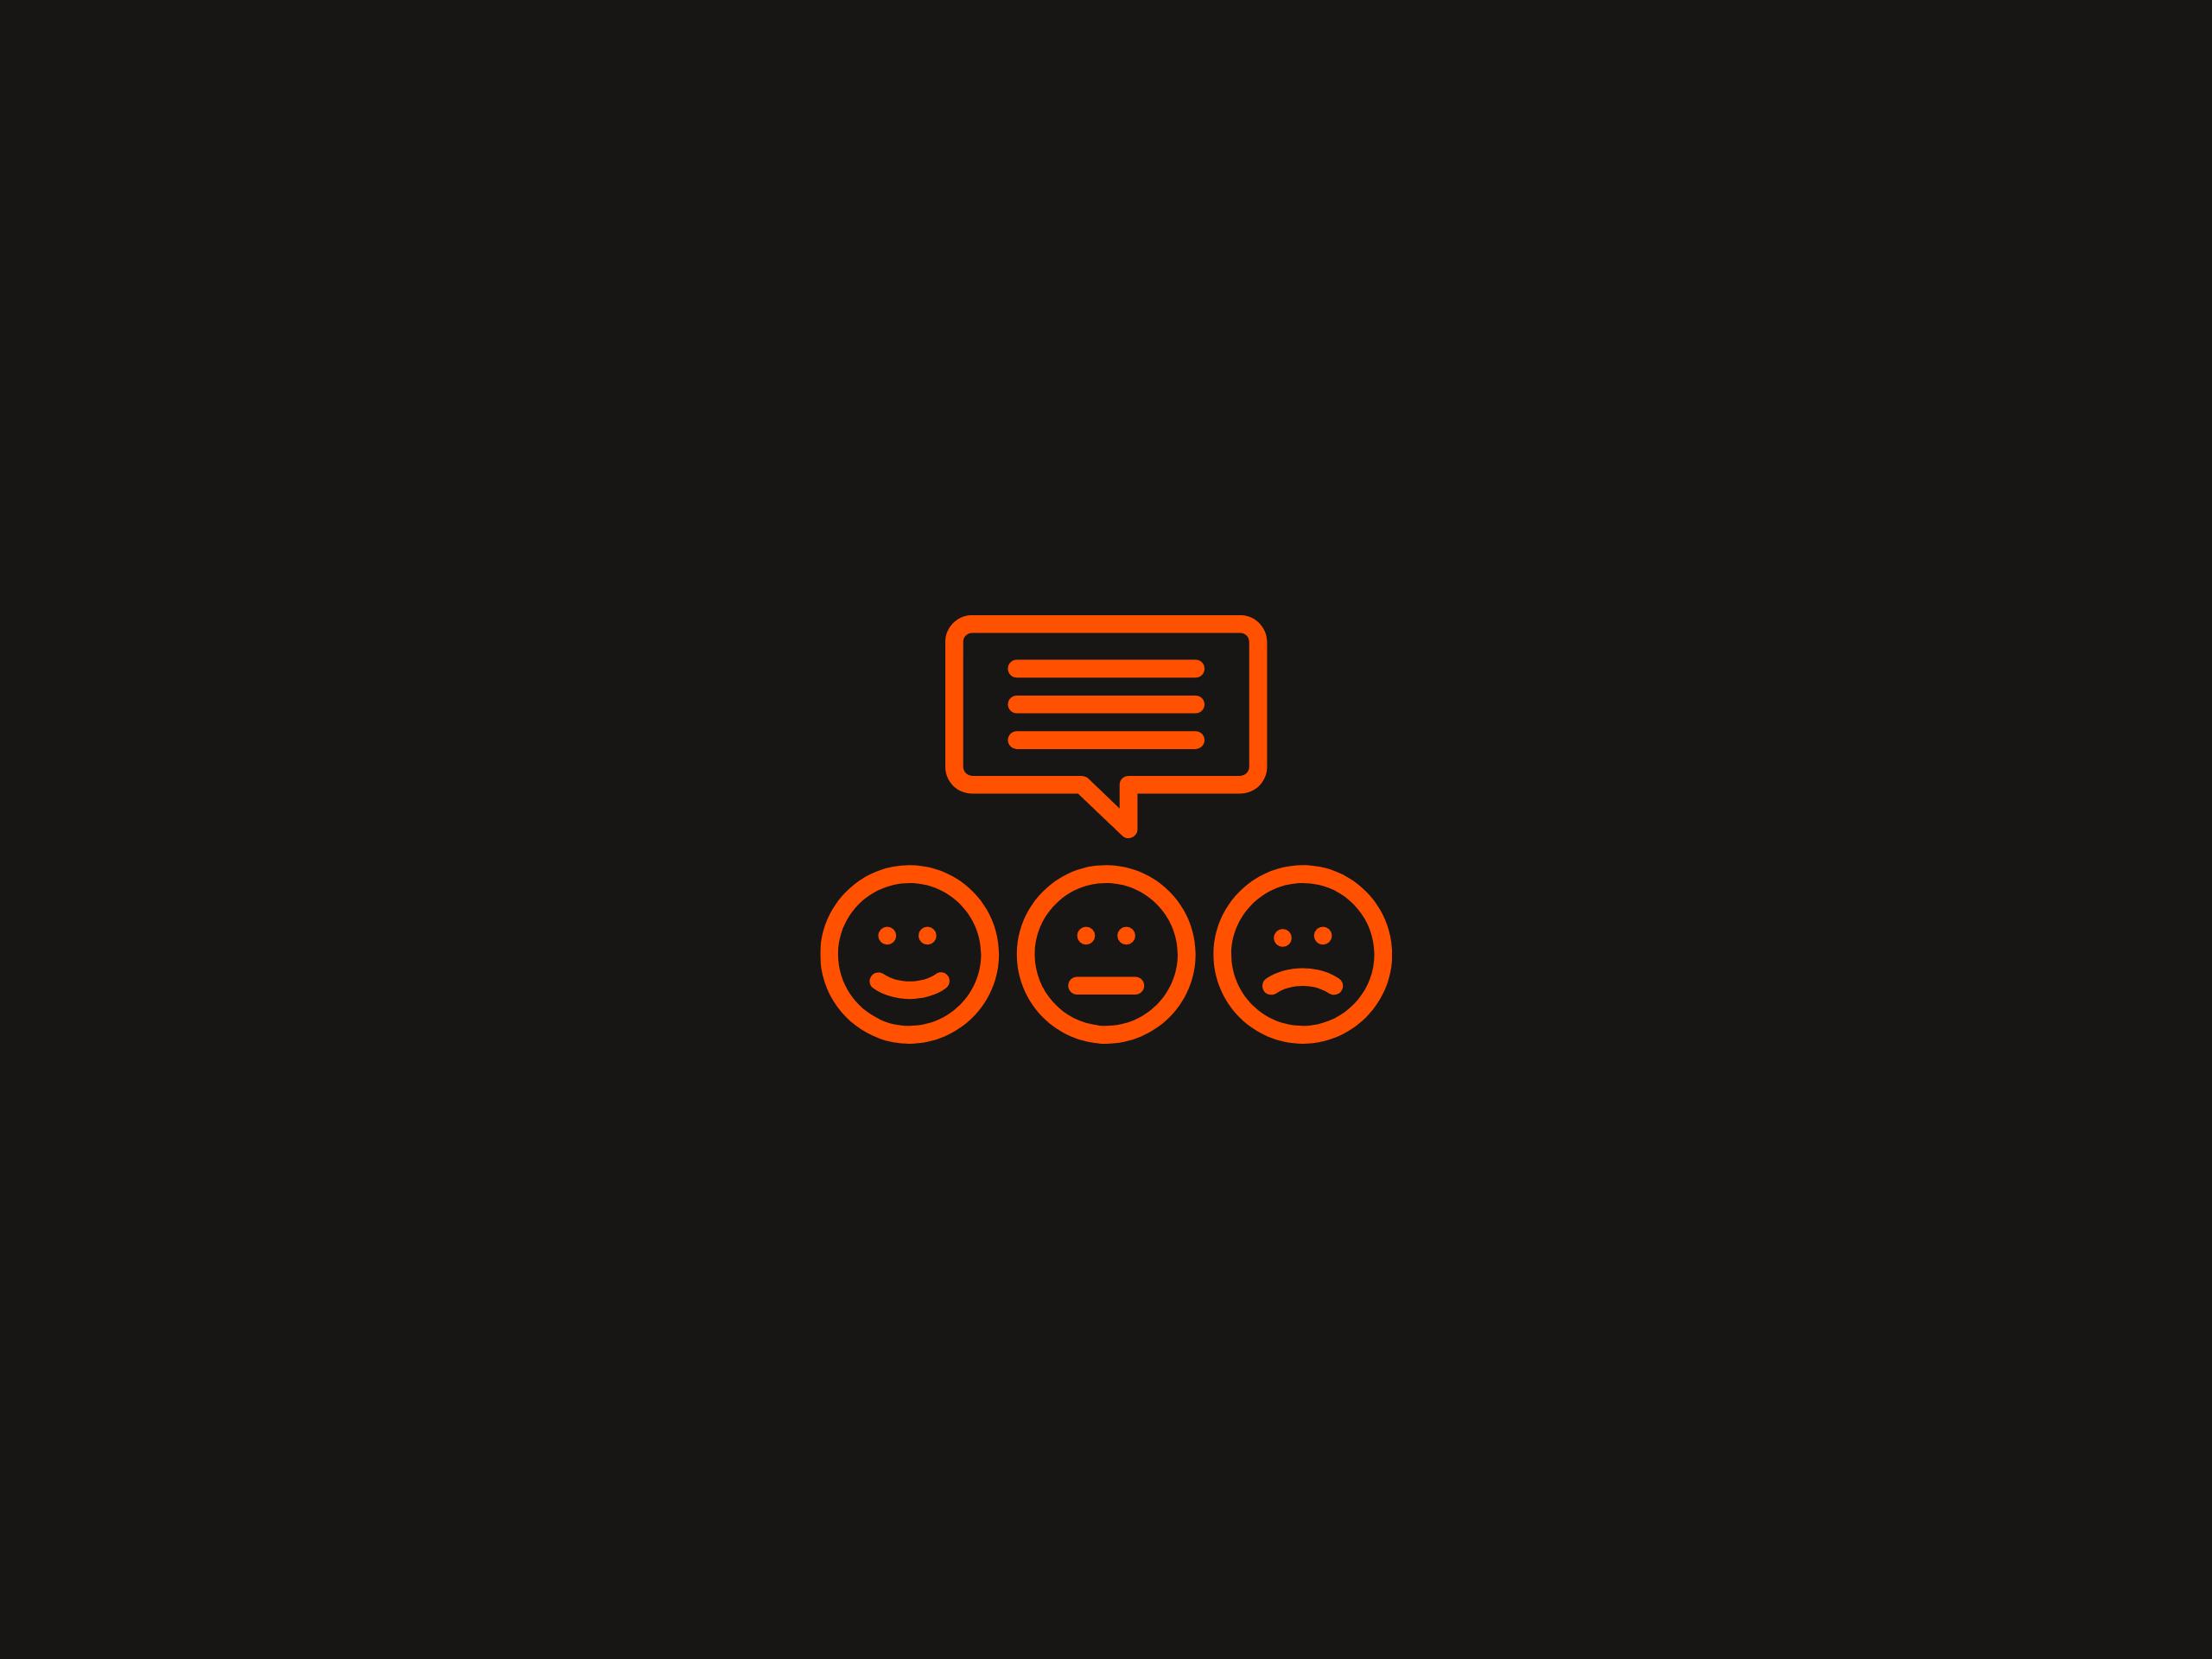 feedback - apprais.ly